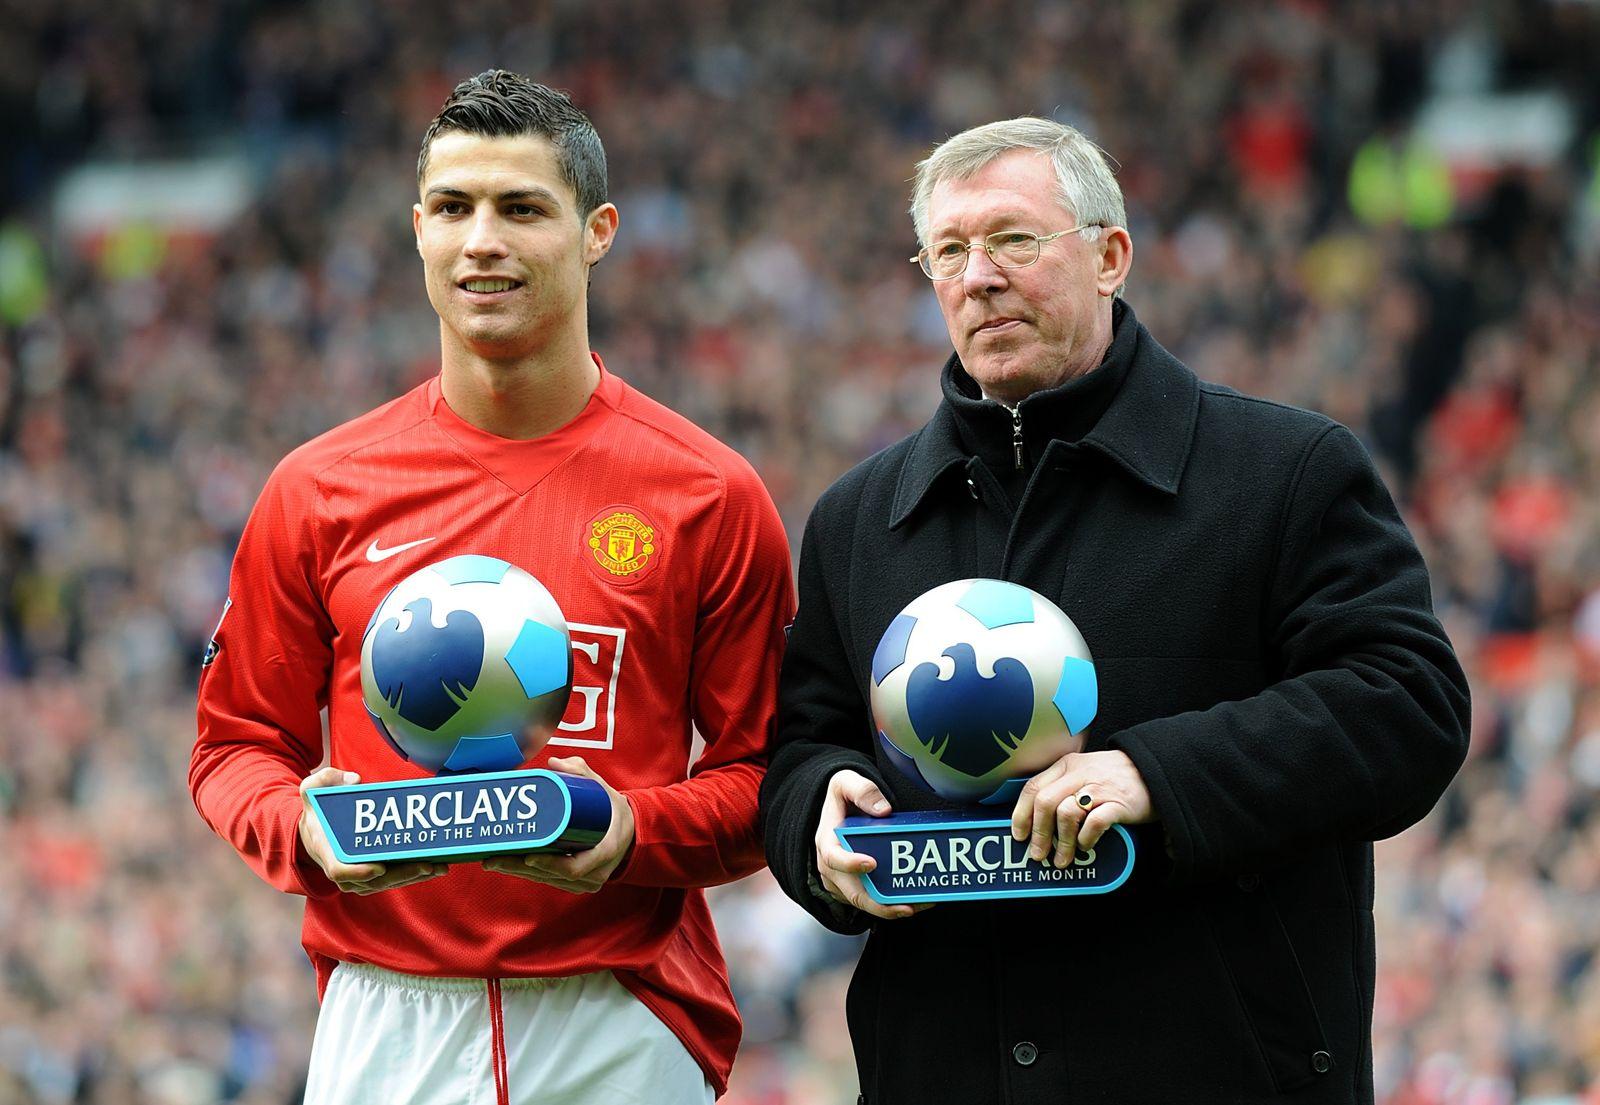 Ronaldo File Photo